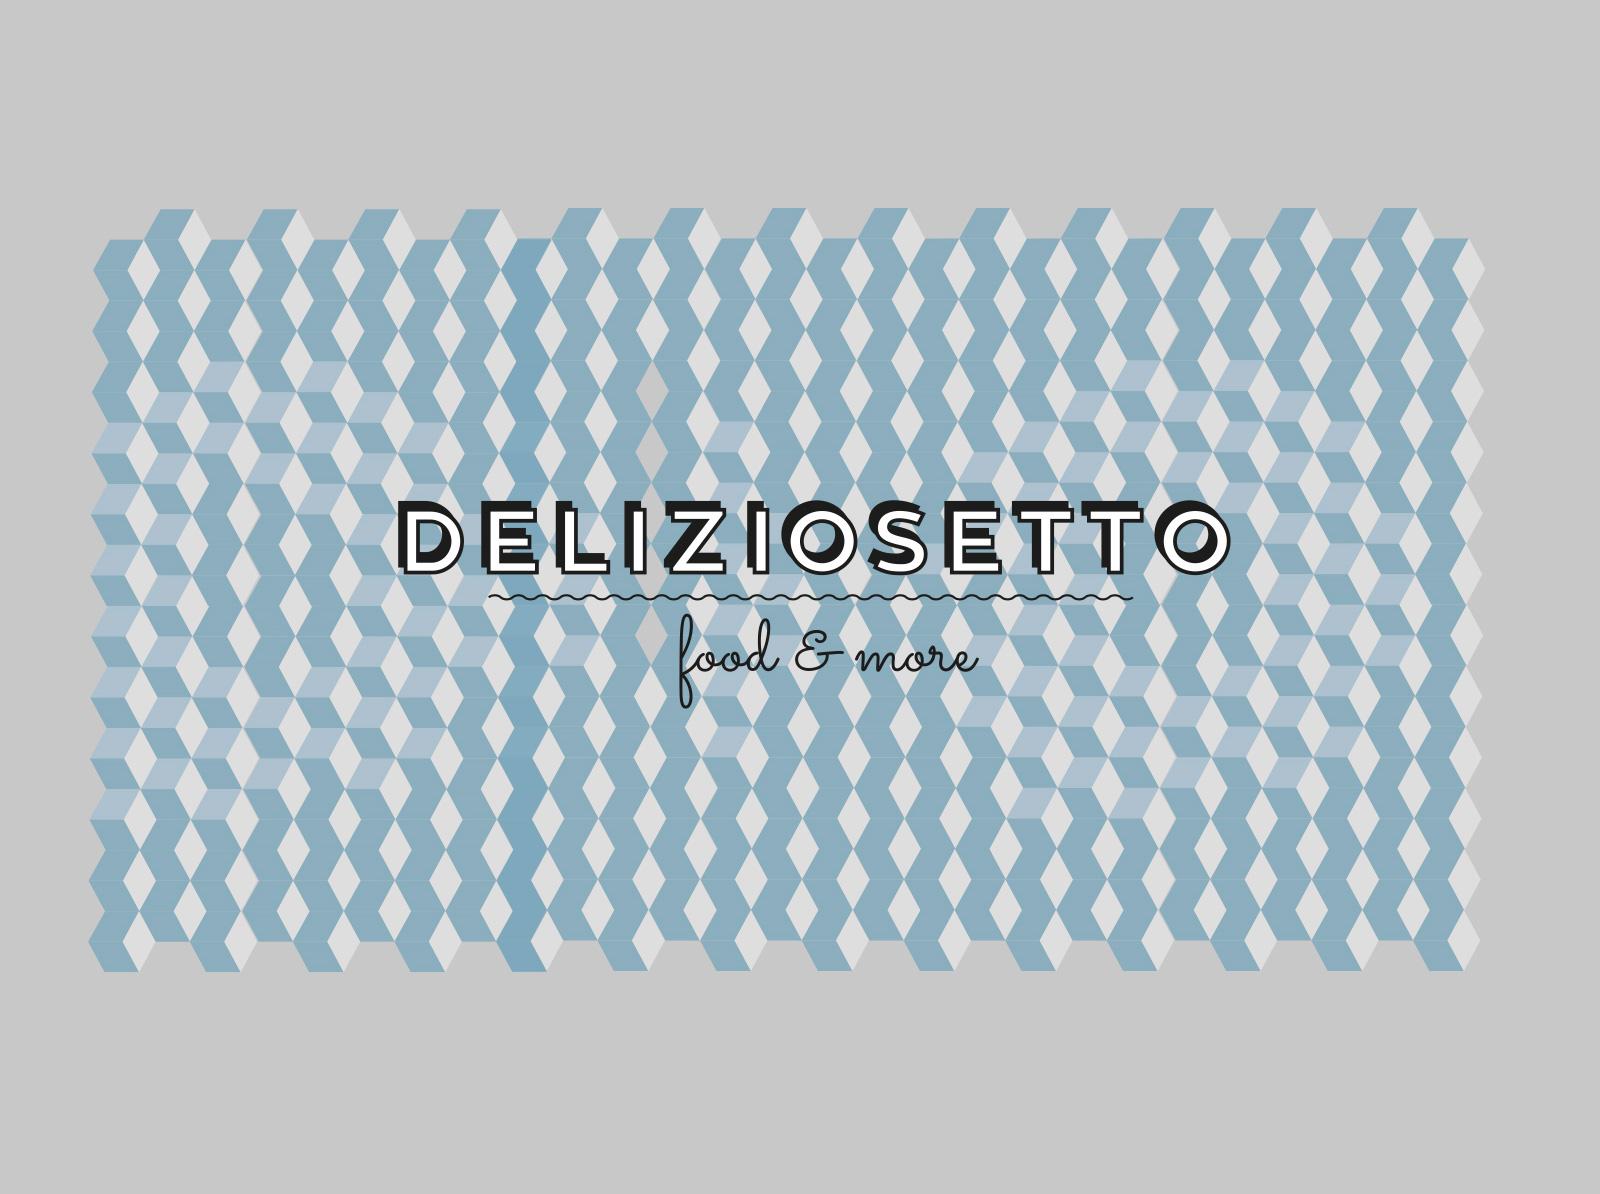 Deliziosetto-4